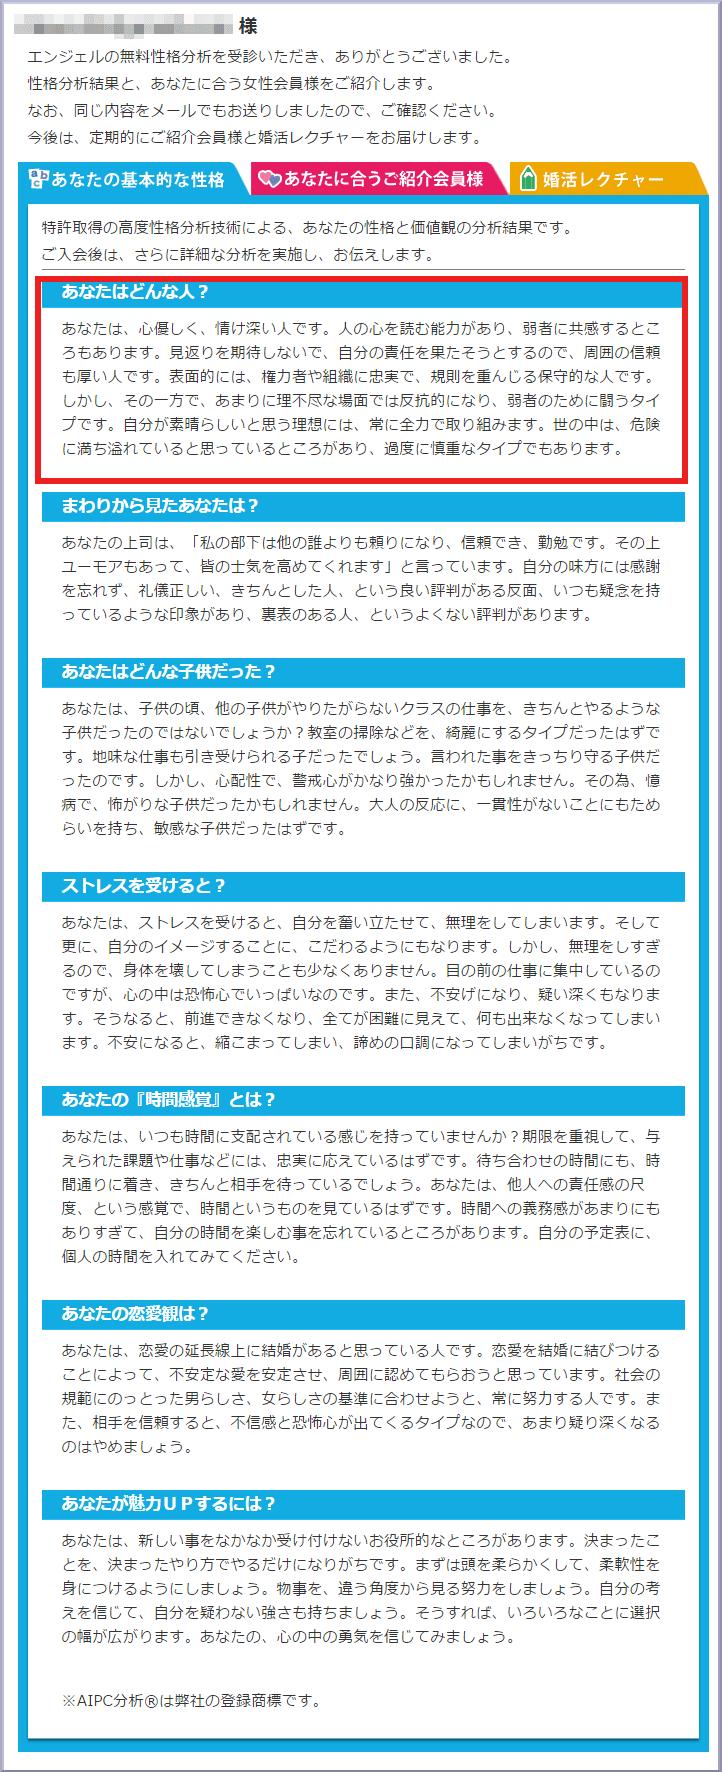 """エンジェル_分析結果"""""""